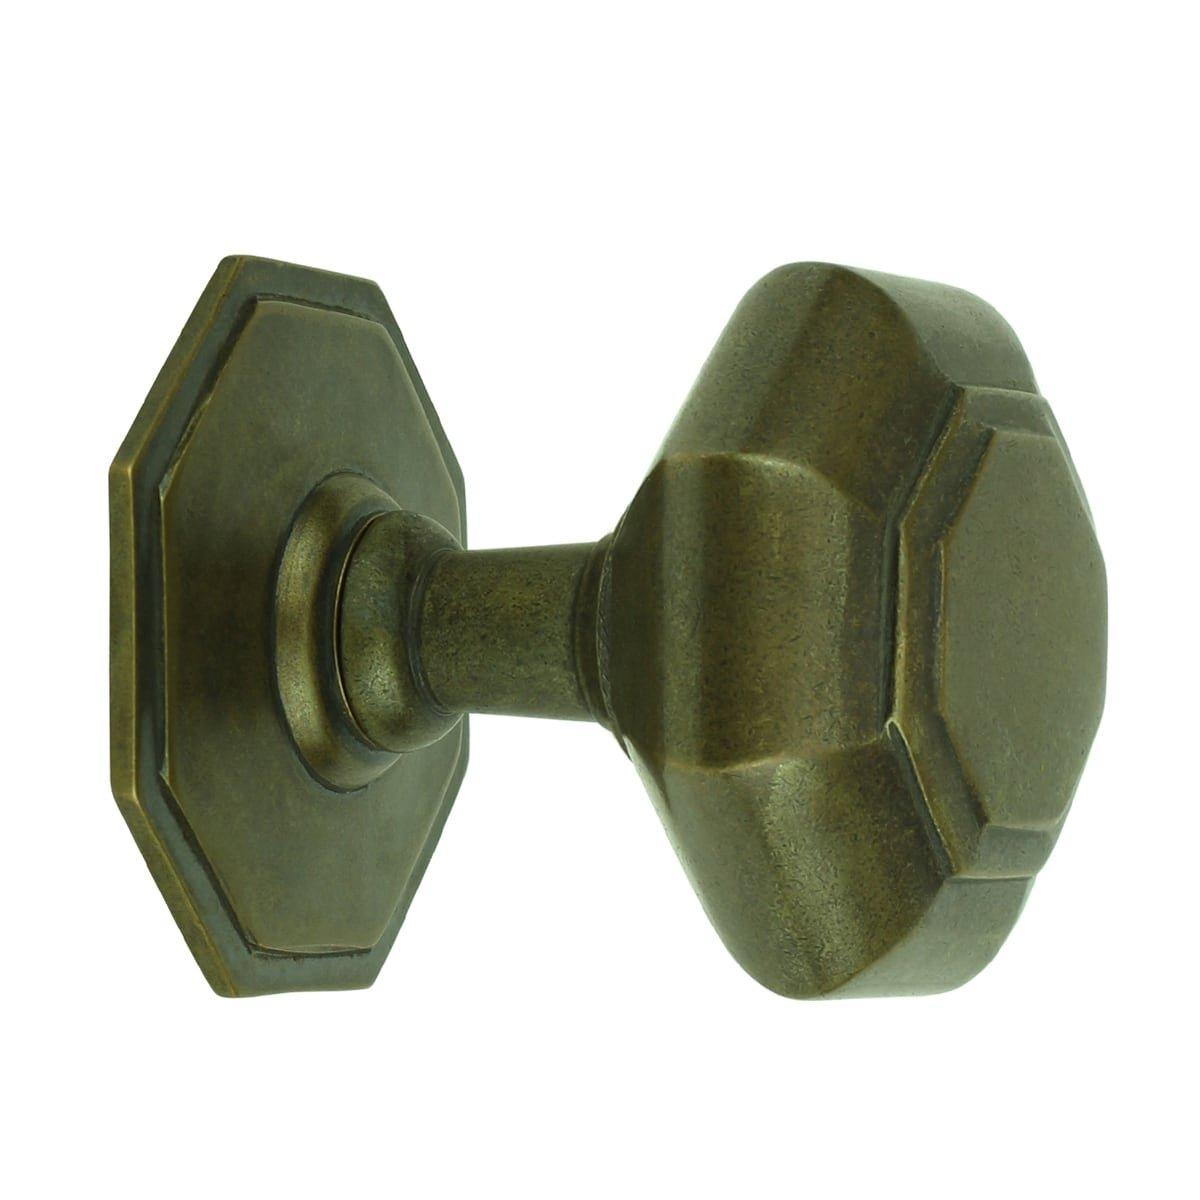 Türbeschläge Türknöpfen Türknauf 8 eckig bronze Bornheim - Ø 73 mm